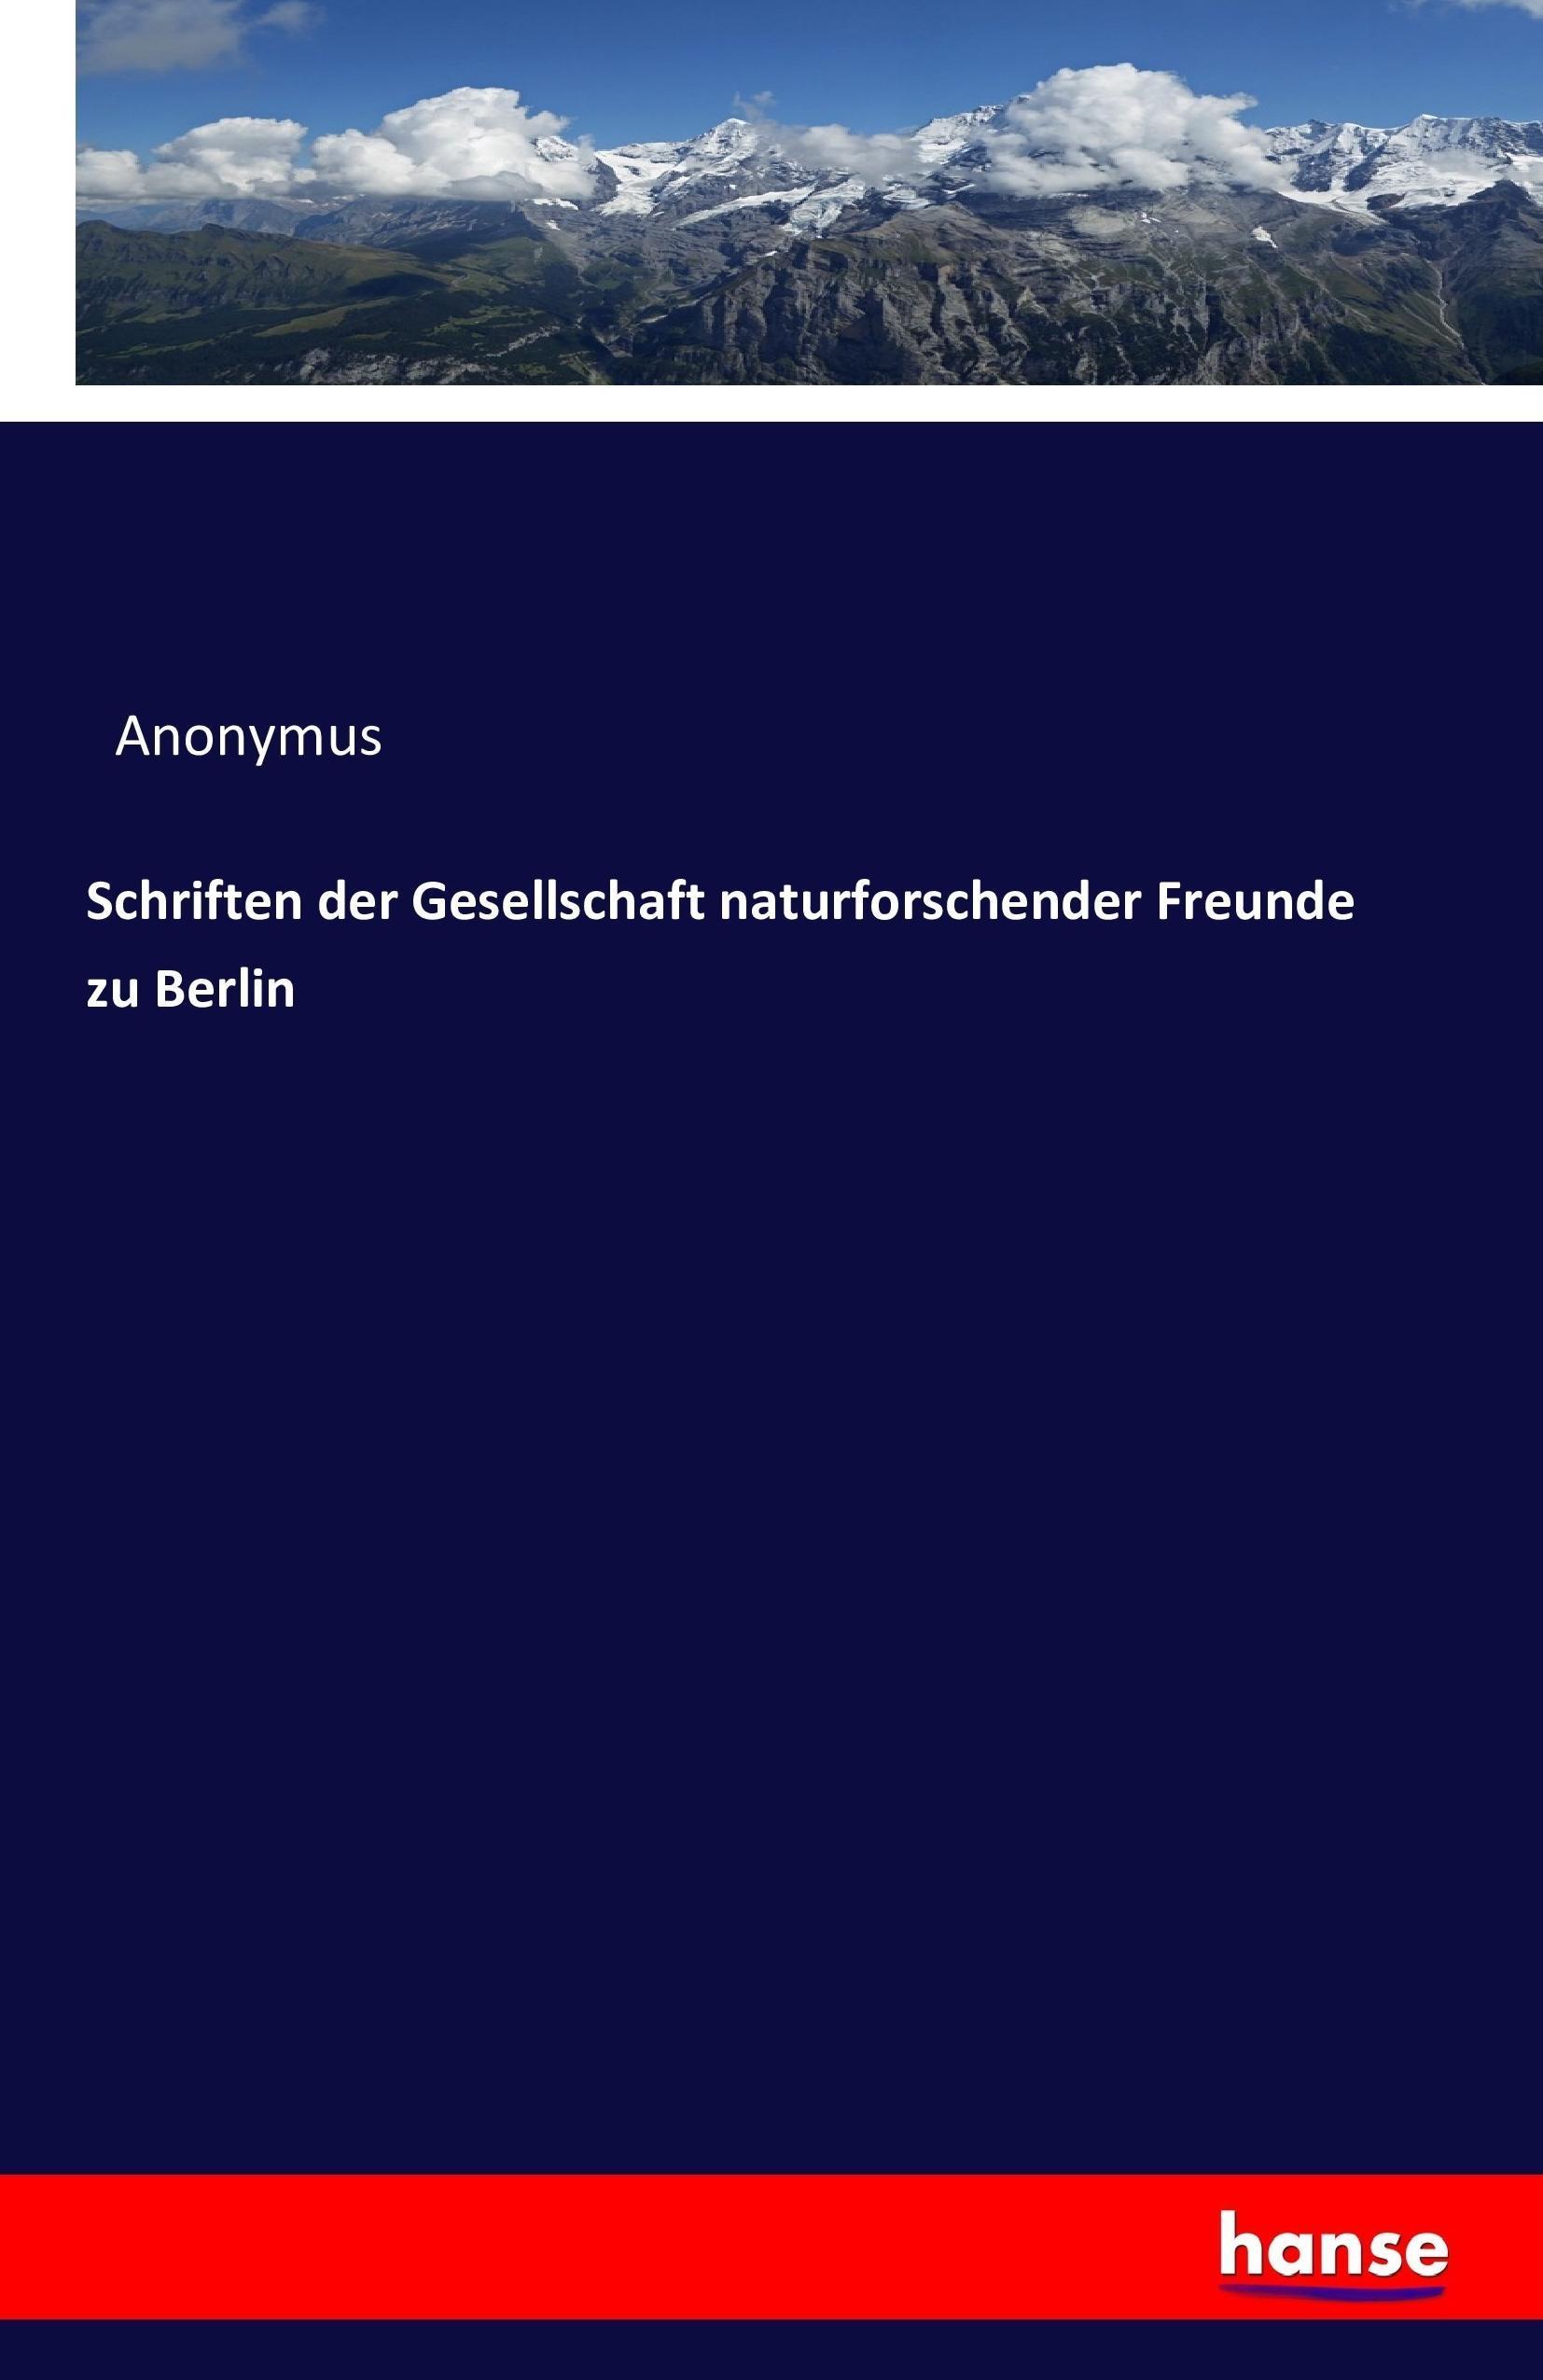 Schriften der Gesellschaft naturforschender Freunde zu Berli ... 9783741165818